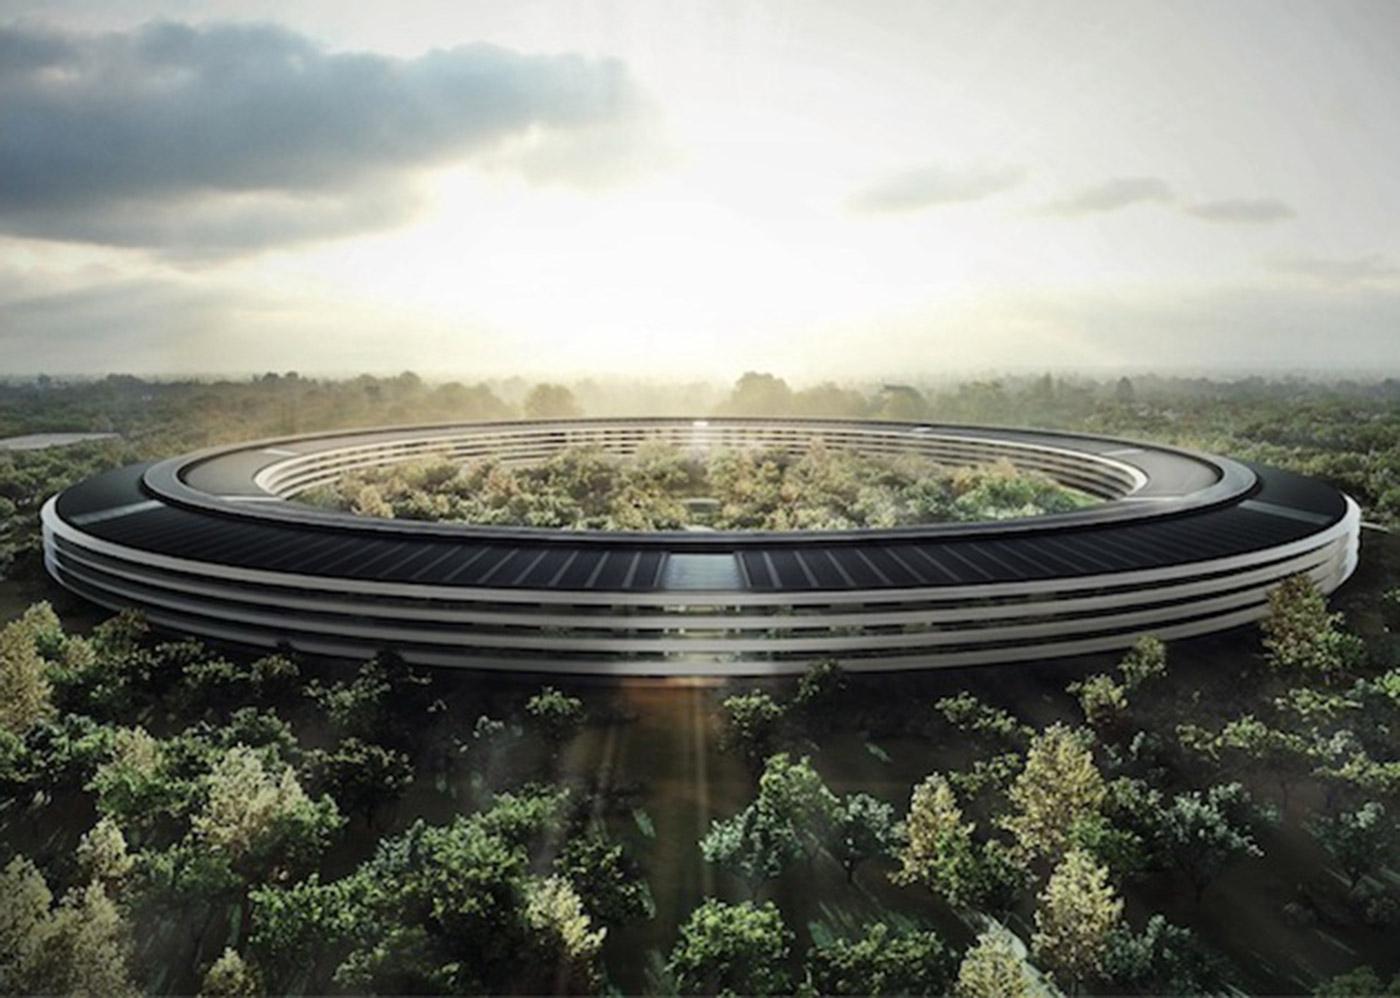 Apple'ın Yeni Ürünü ? Güneş Enerjisi!